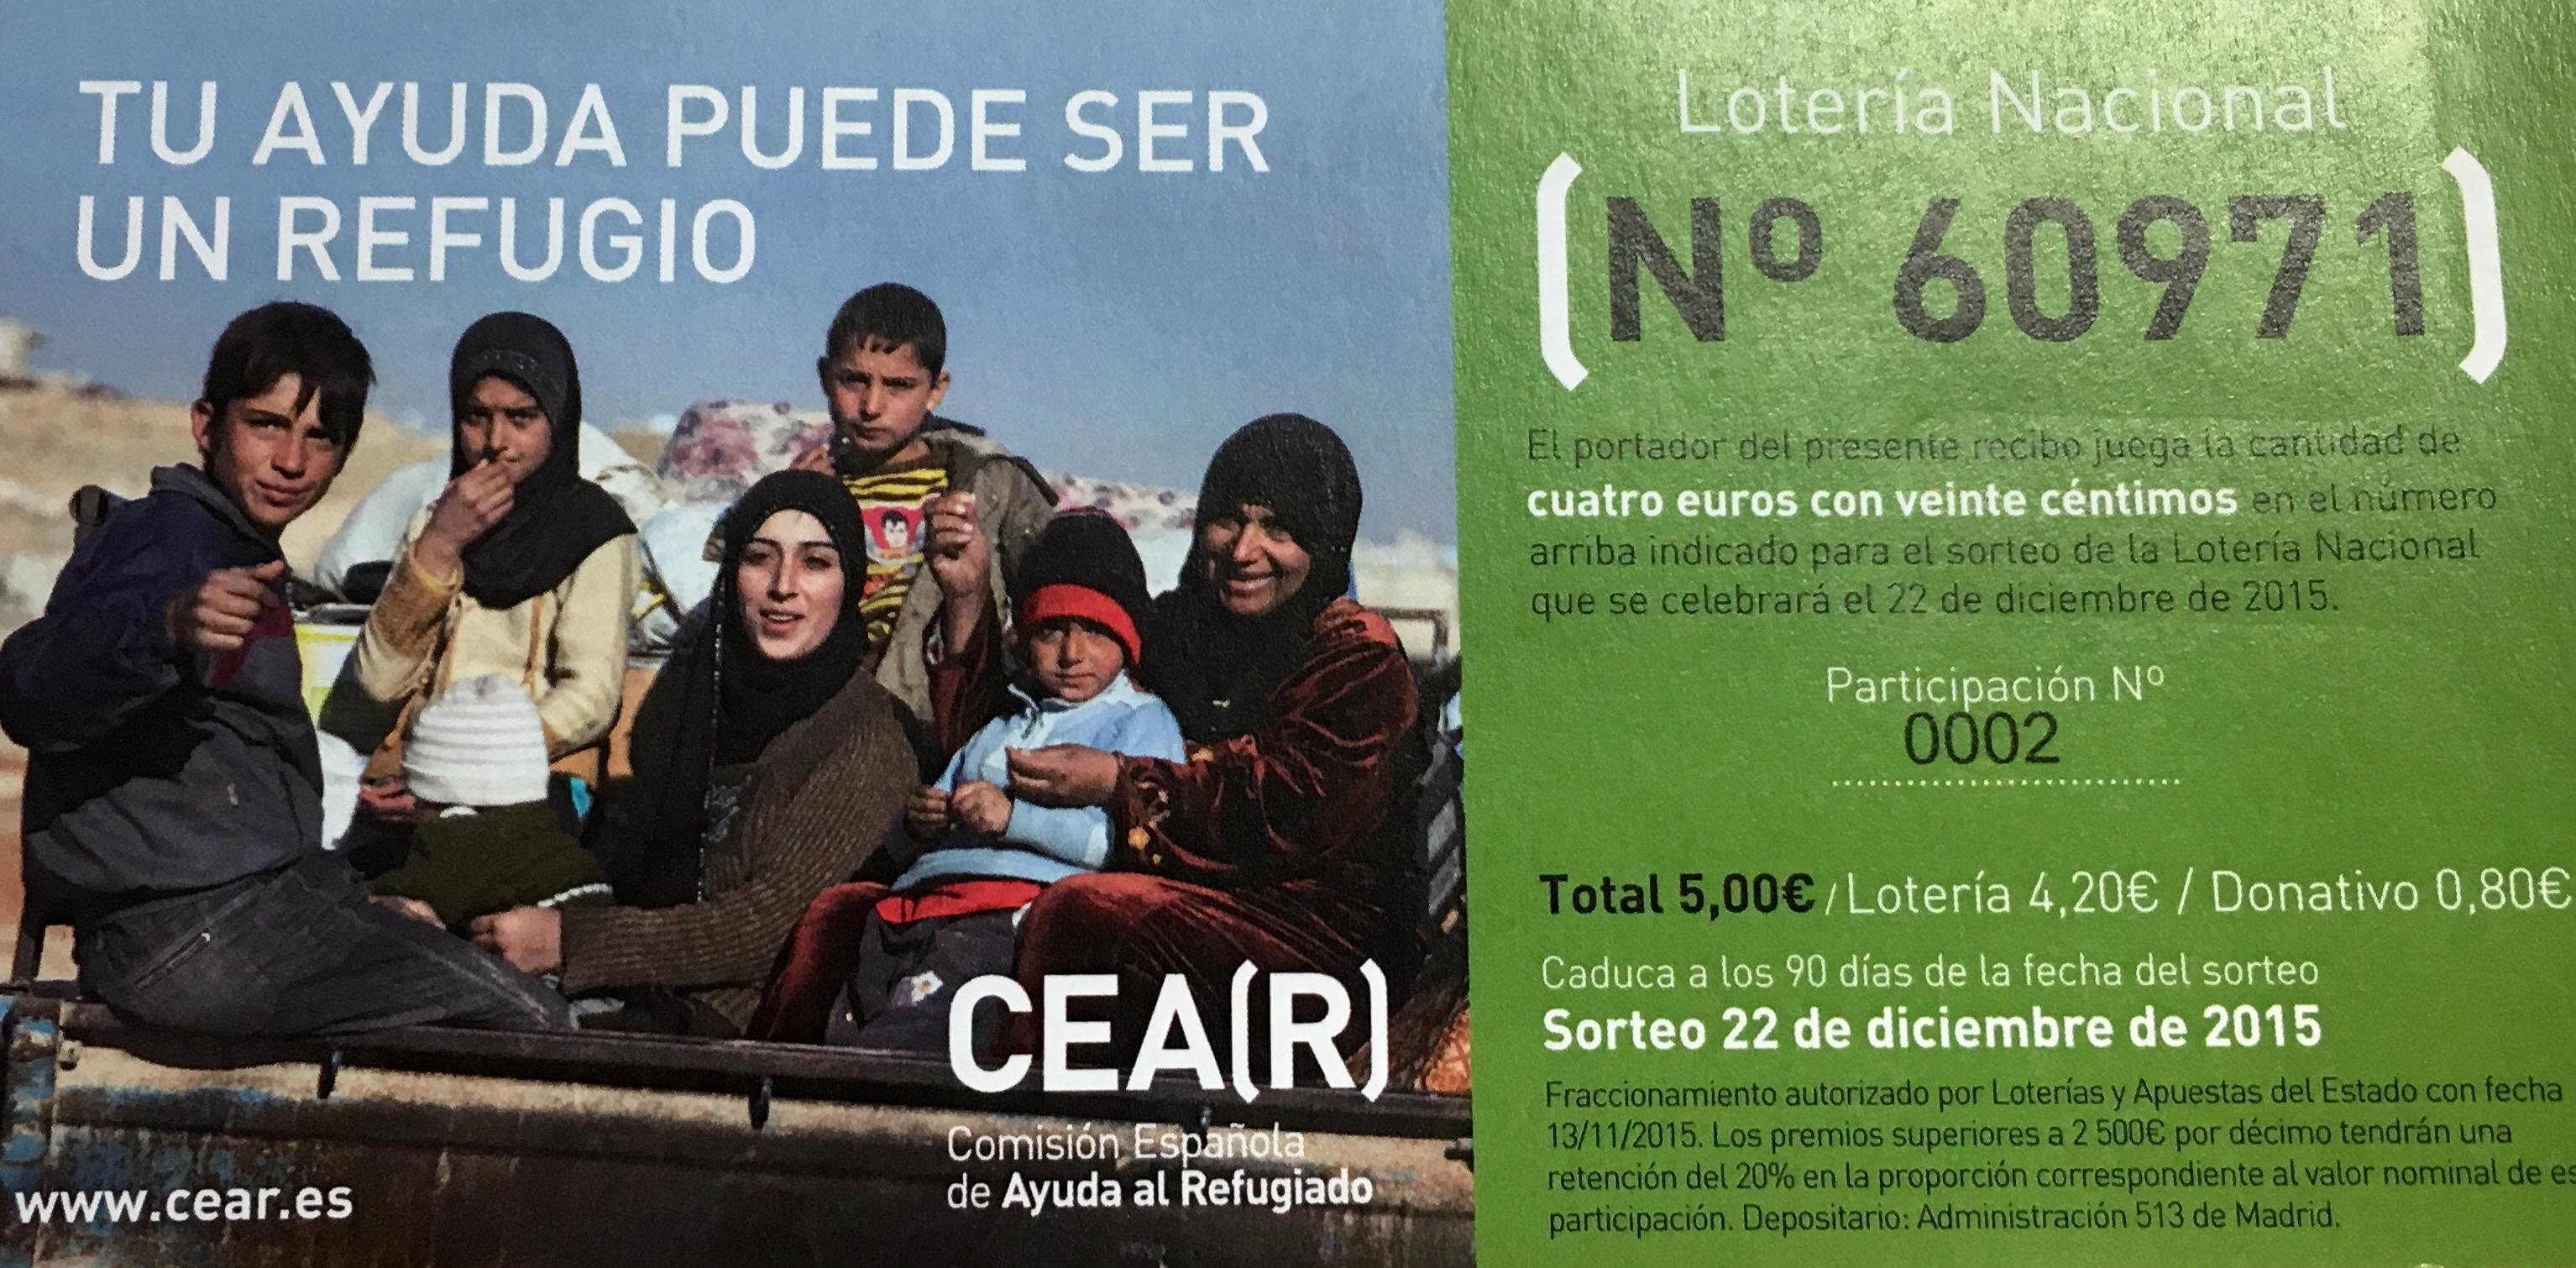 Fes Que Aquest Any Li Toqui La Loteria A Les Persones Refugiades!